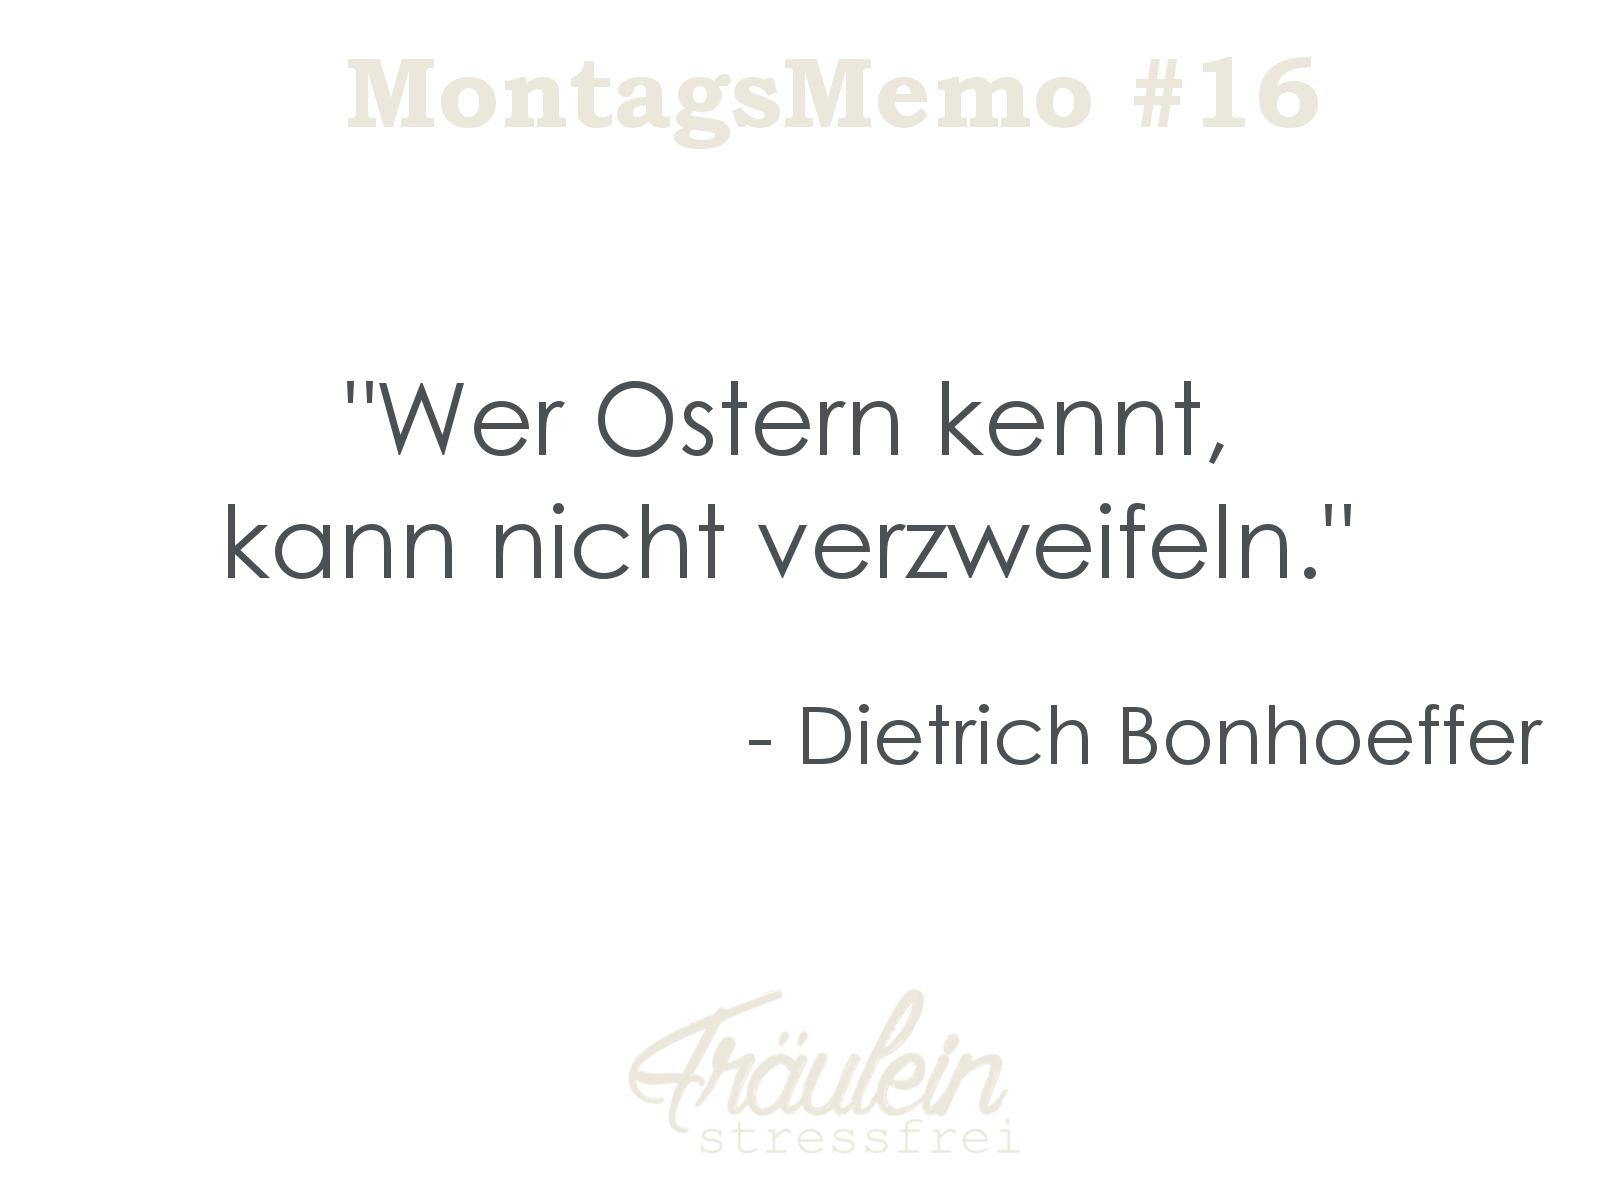 Wer Ostern kennt, kann nicht verzweifeln. Dietrich Bonhoeffer